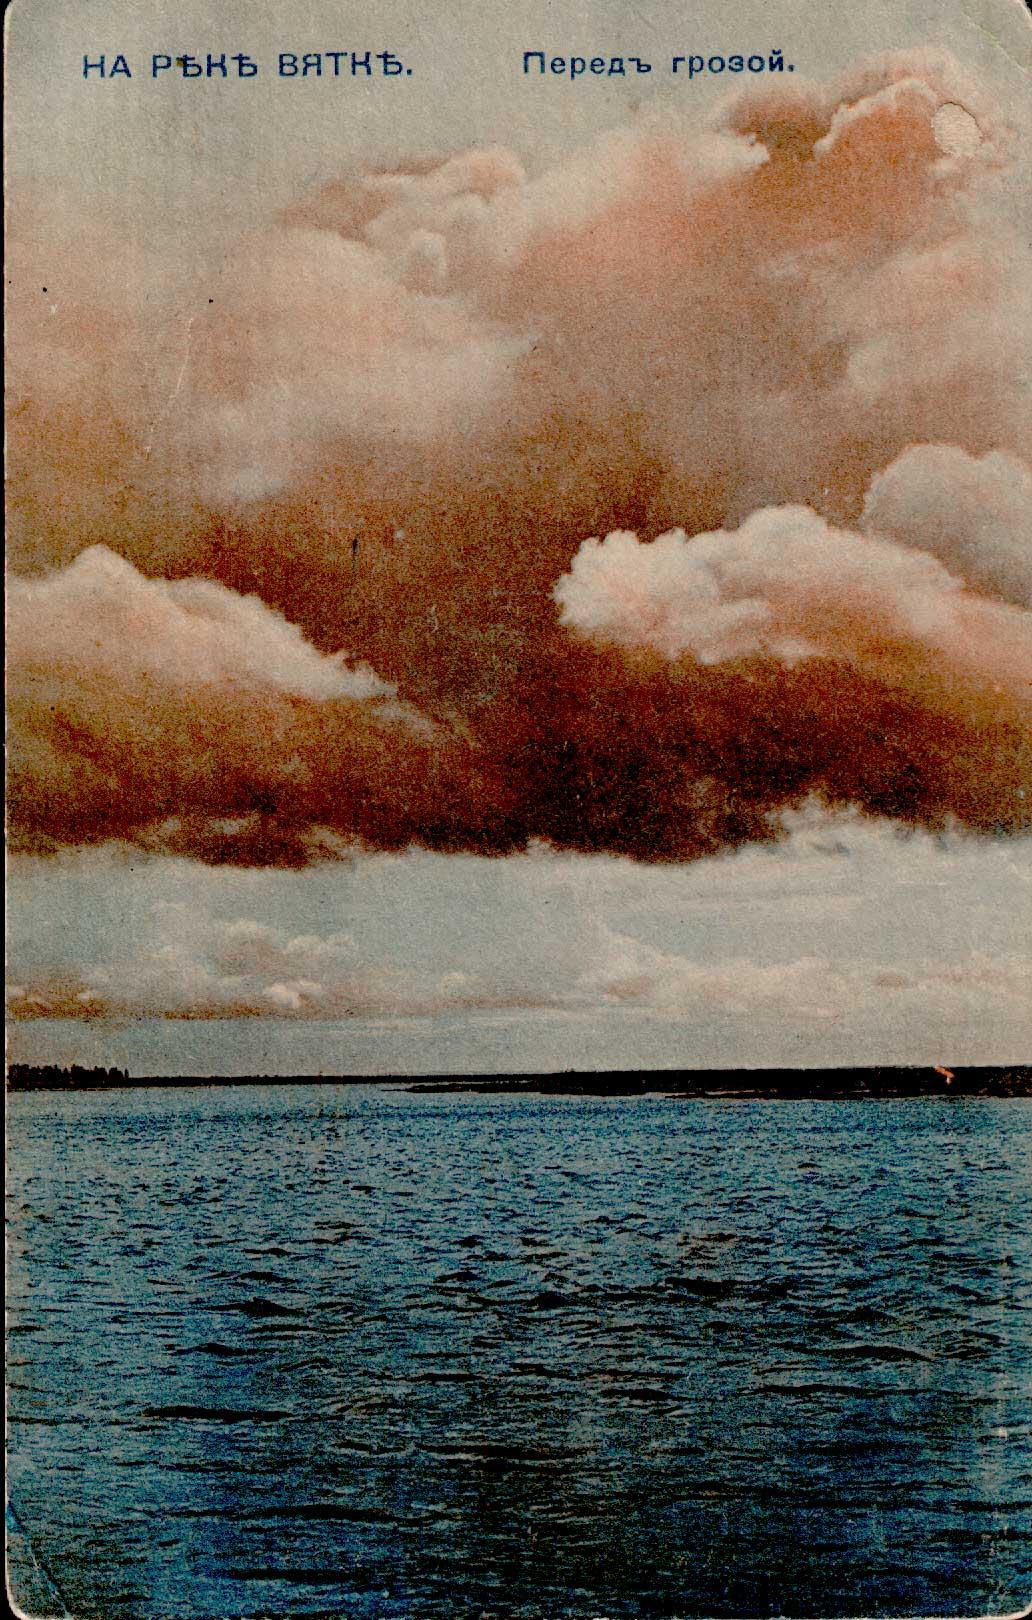 Река Вятка. Перед грозой